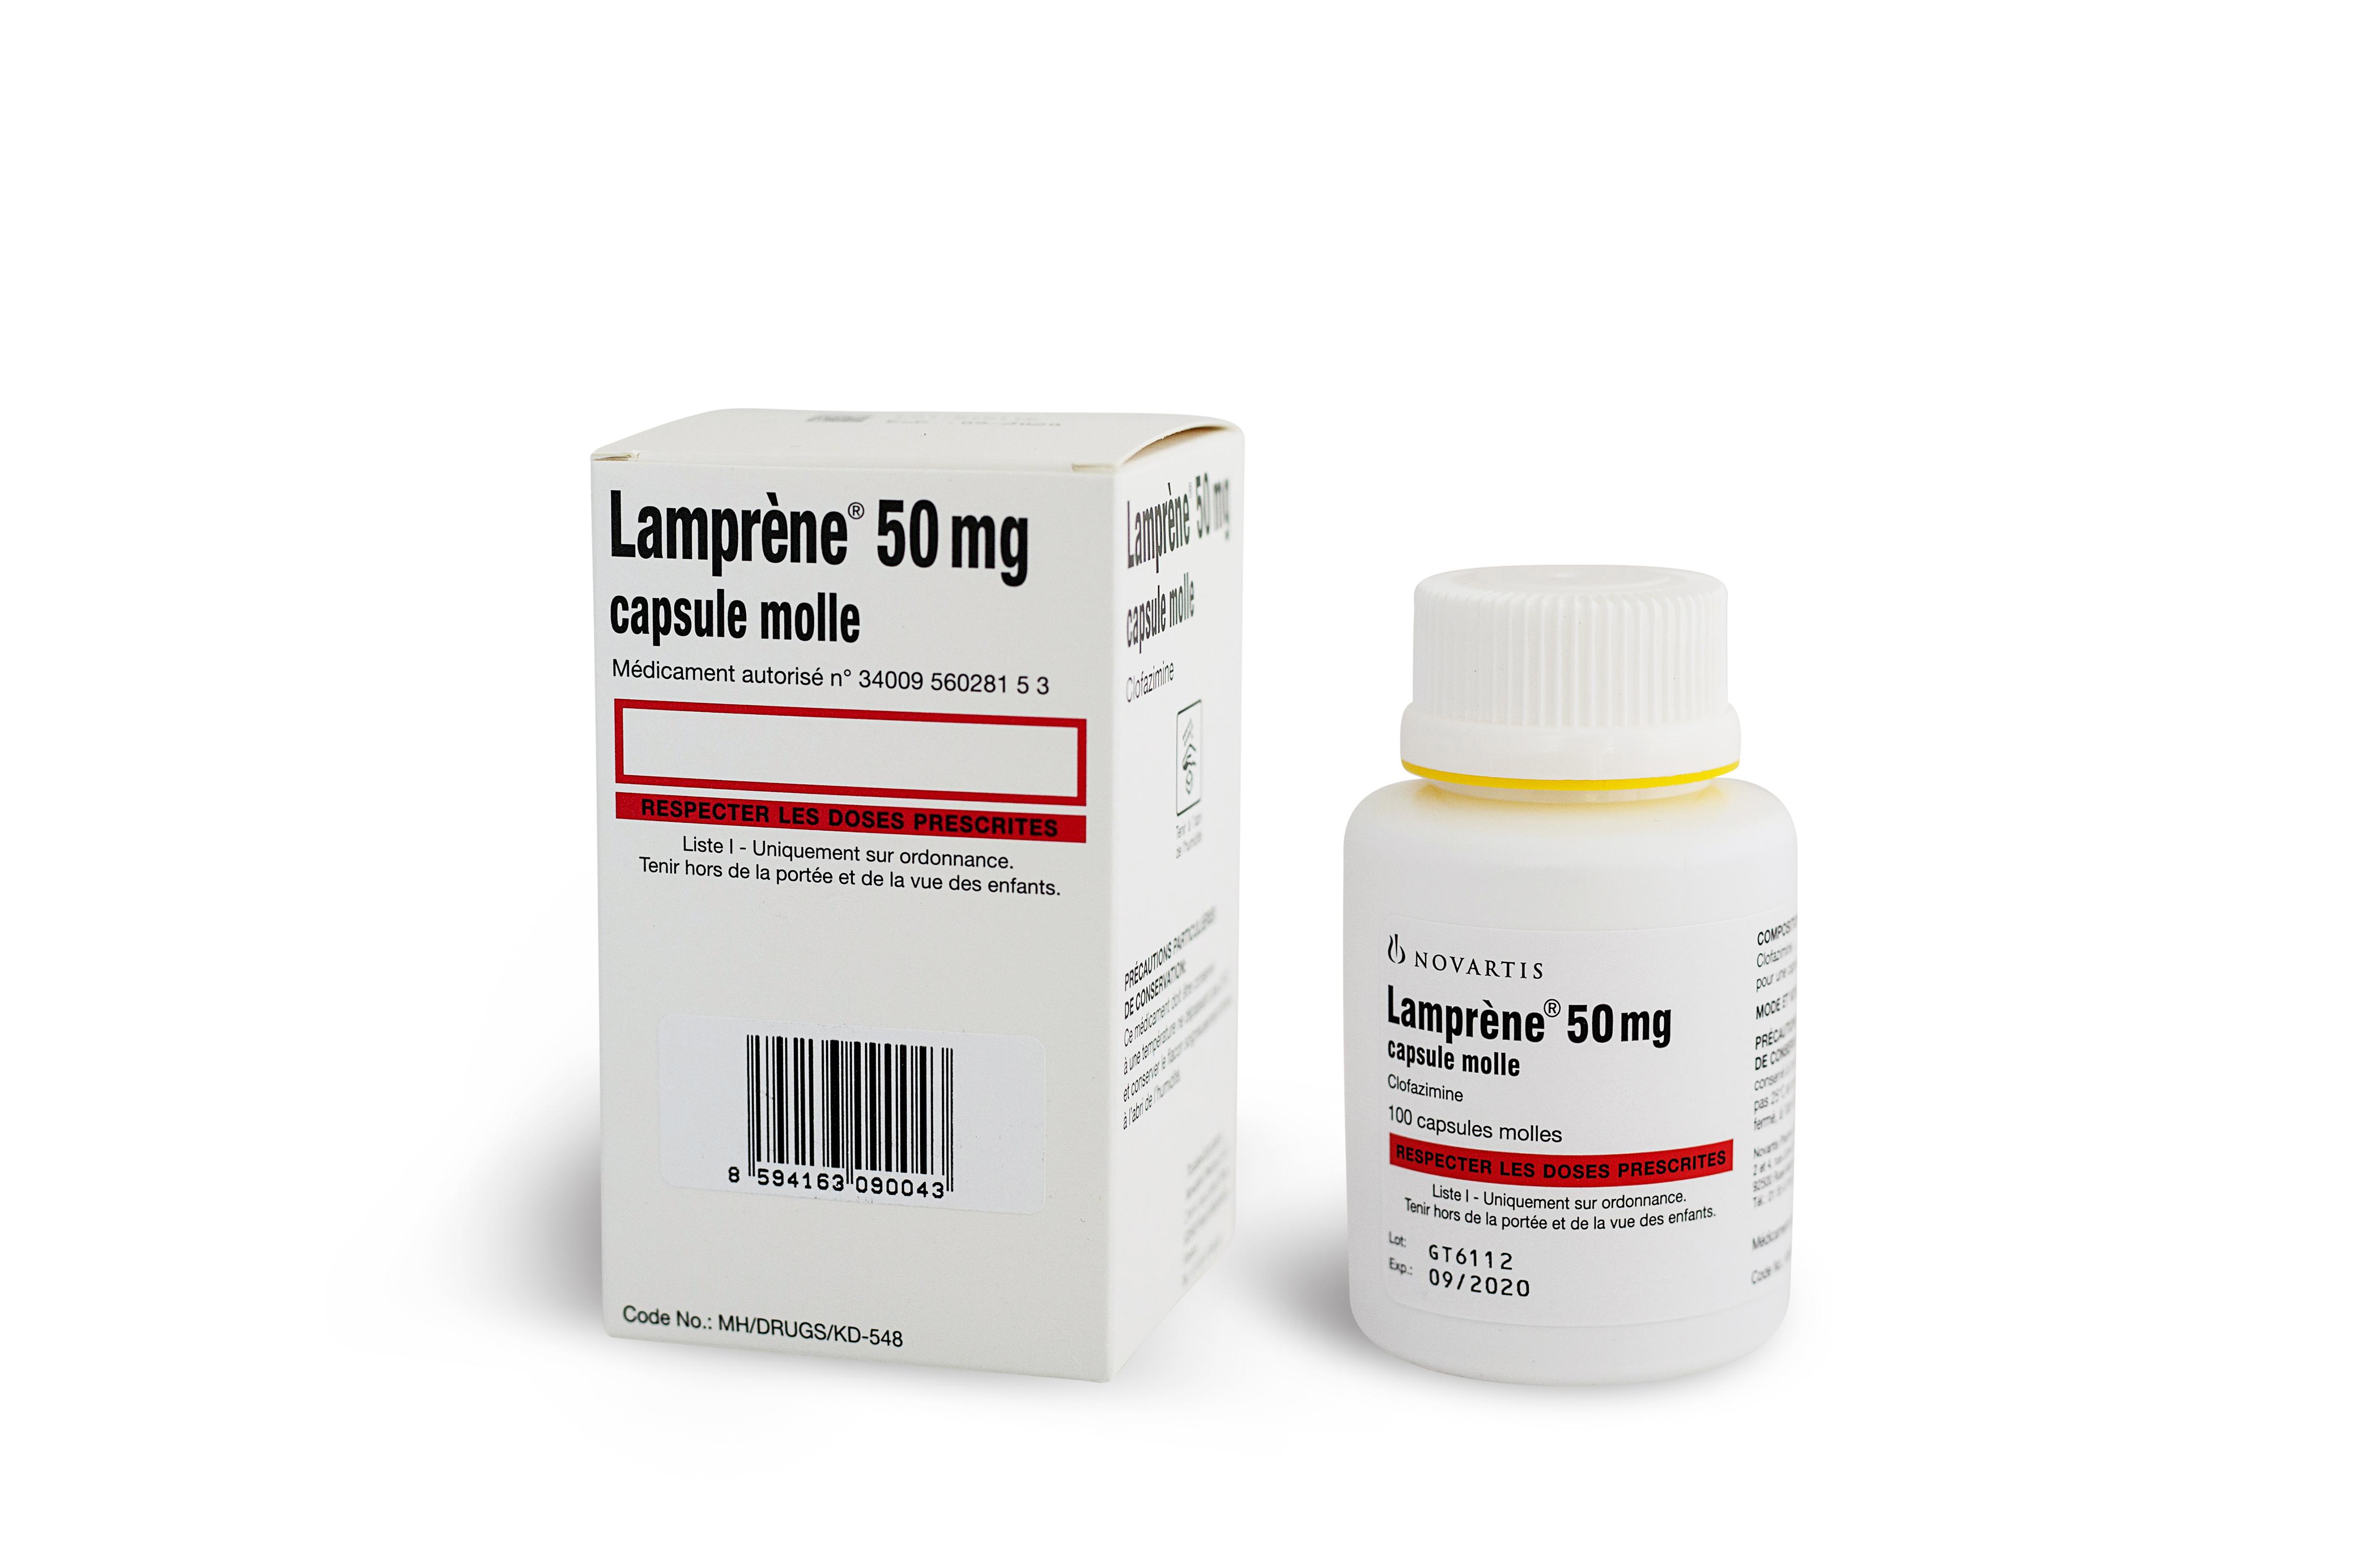 Lamprene